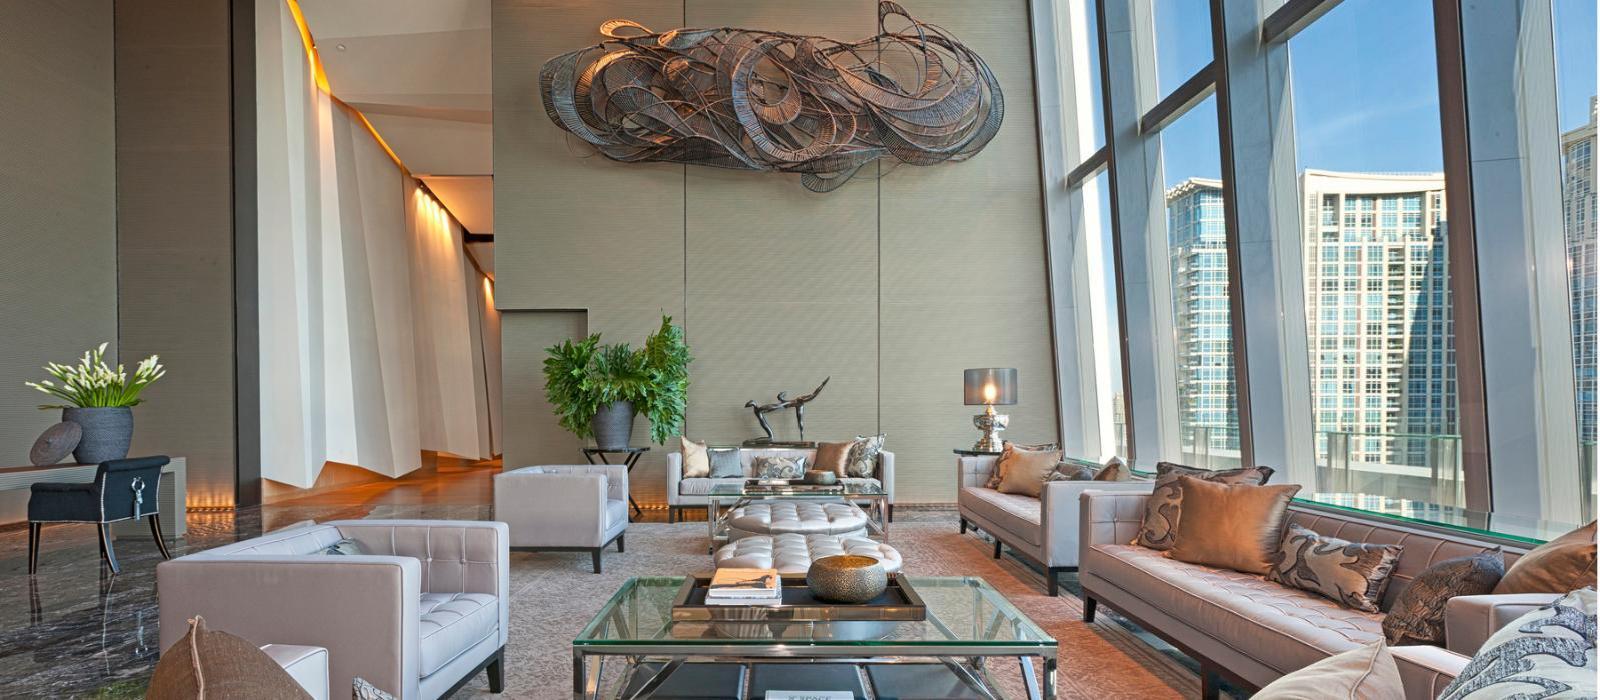 曼谷大仓新颐酒店(The Okura Prestige Bangkok)【 曼谷,泰国】 酒店  www.lhw.cn